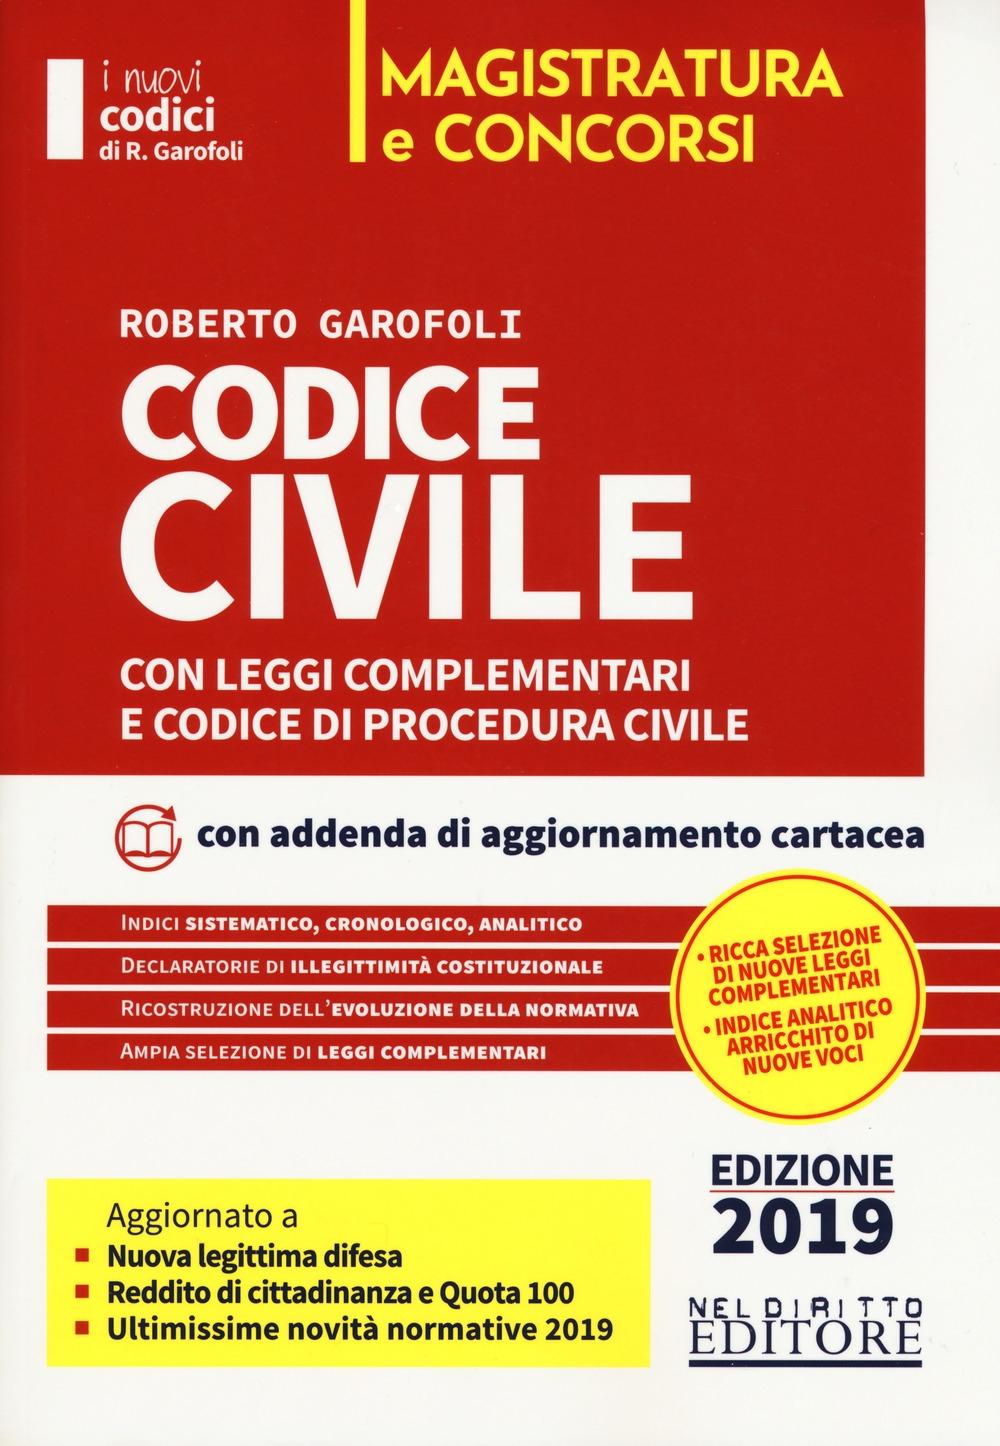 CODICE CIVILE con leggi complementari e codice di procedura civile